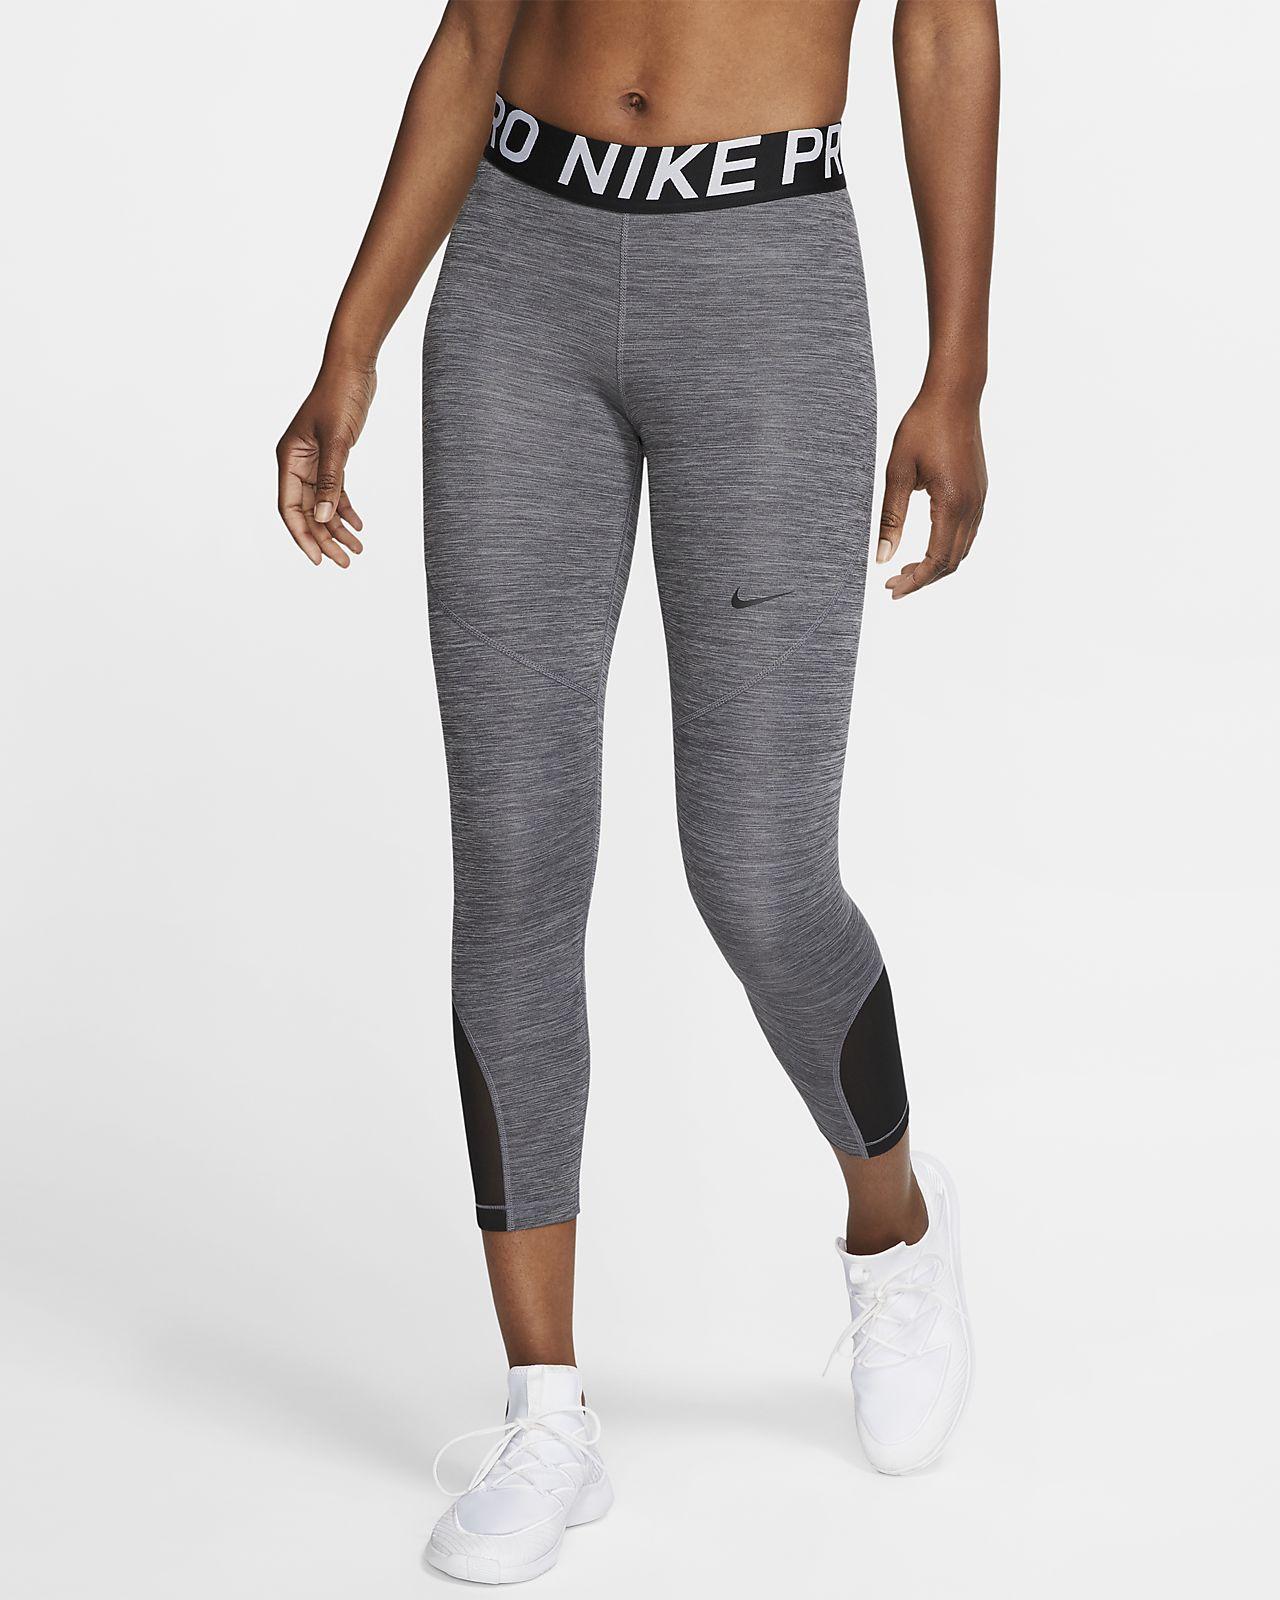 Nike Pro Mallas de tres cuartos - Mujer